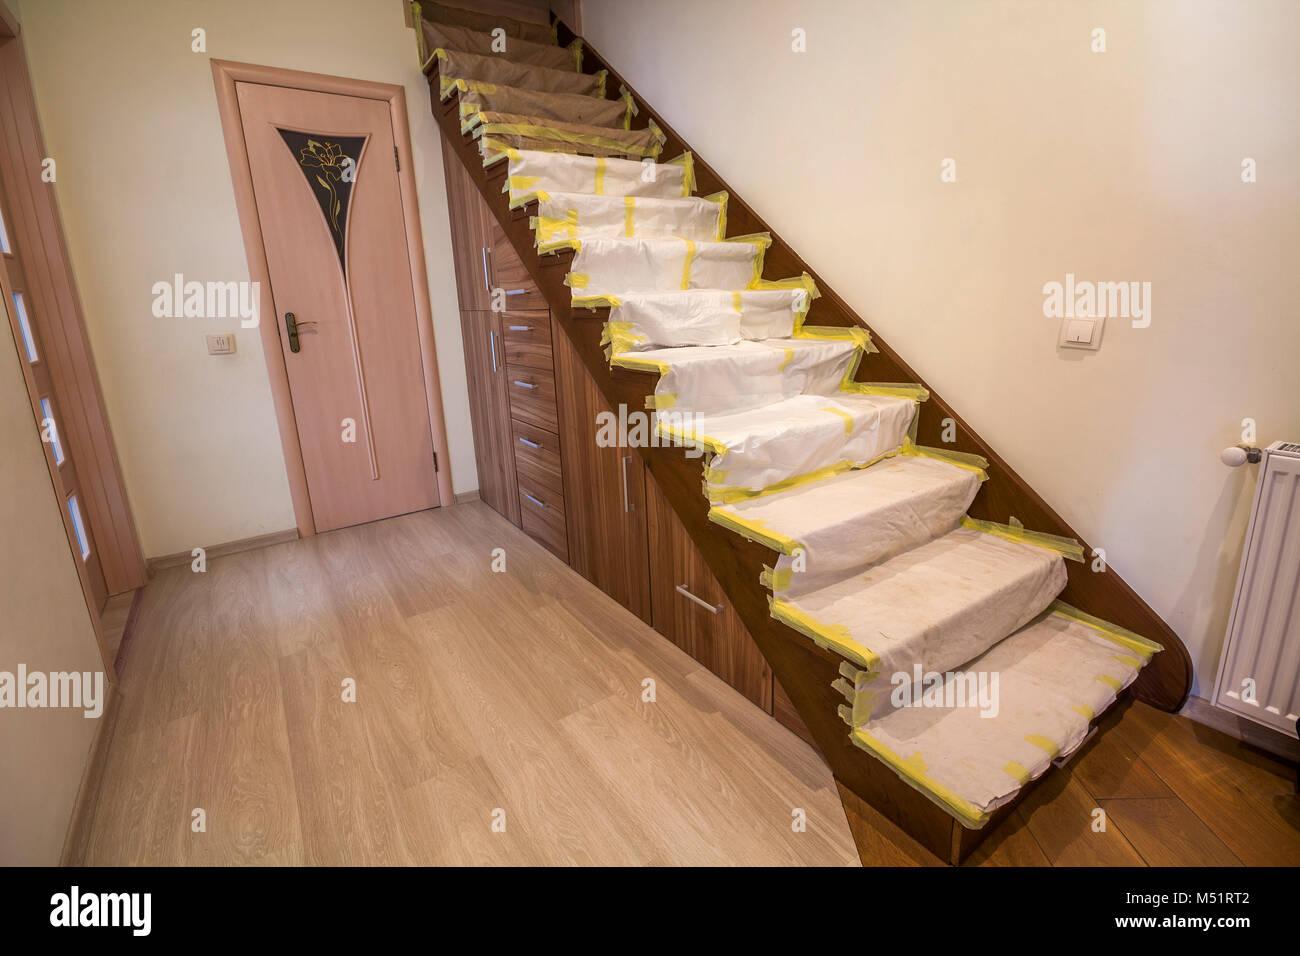 Accueil Interieur Avec Escalier En Chene En Bois Recouvert De Tissu